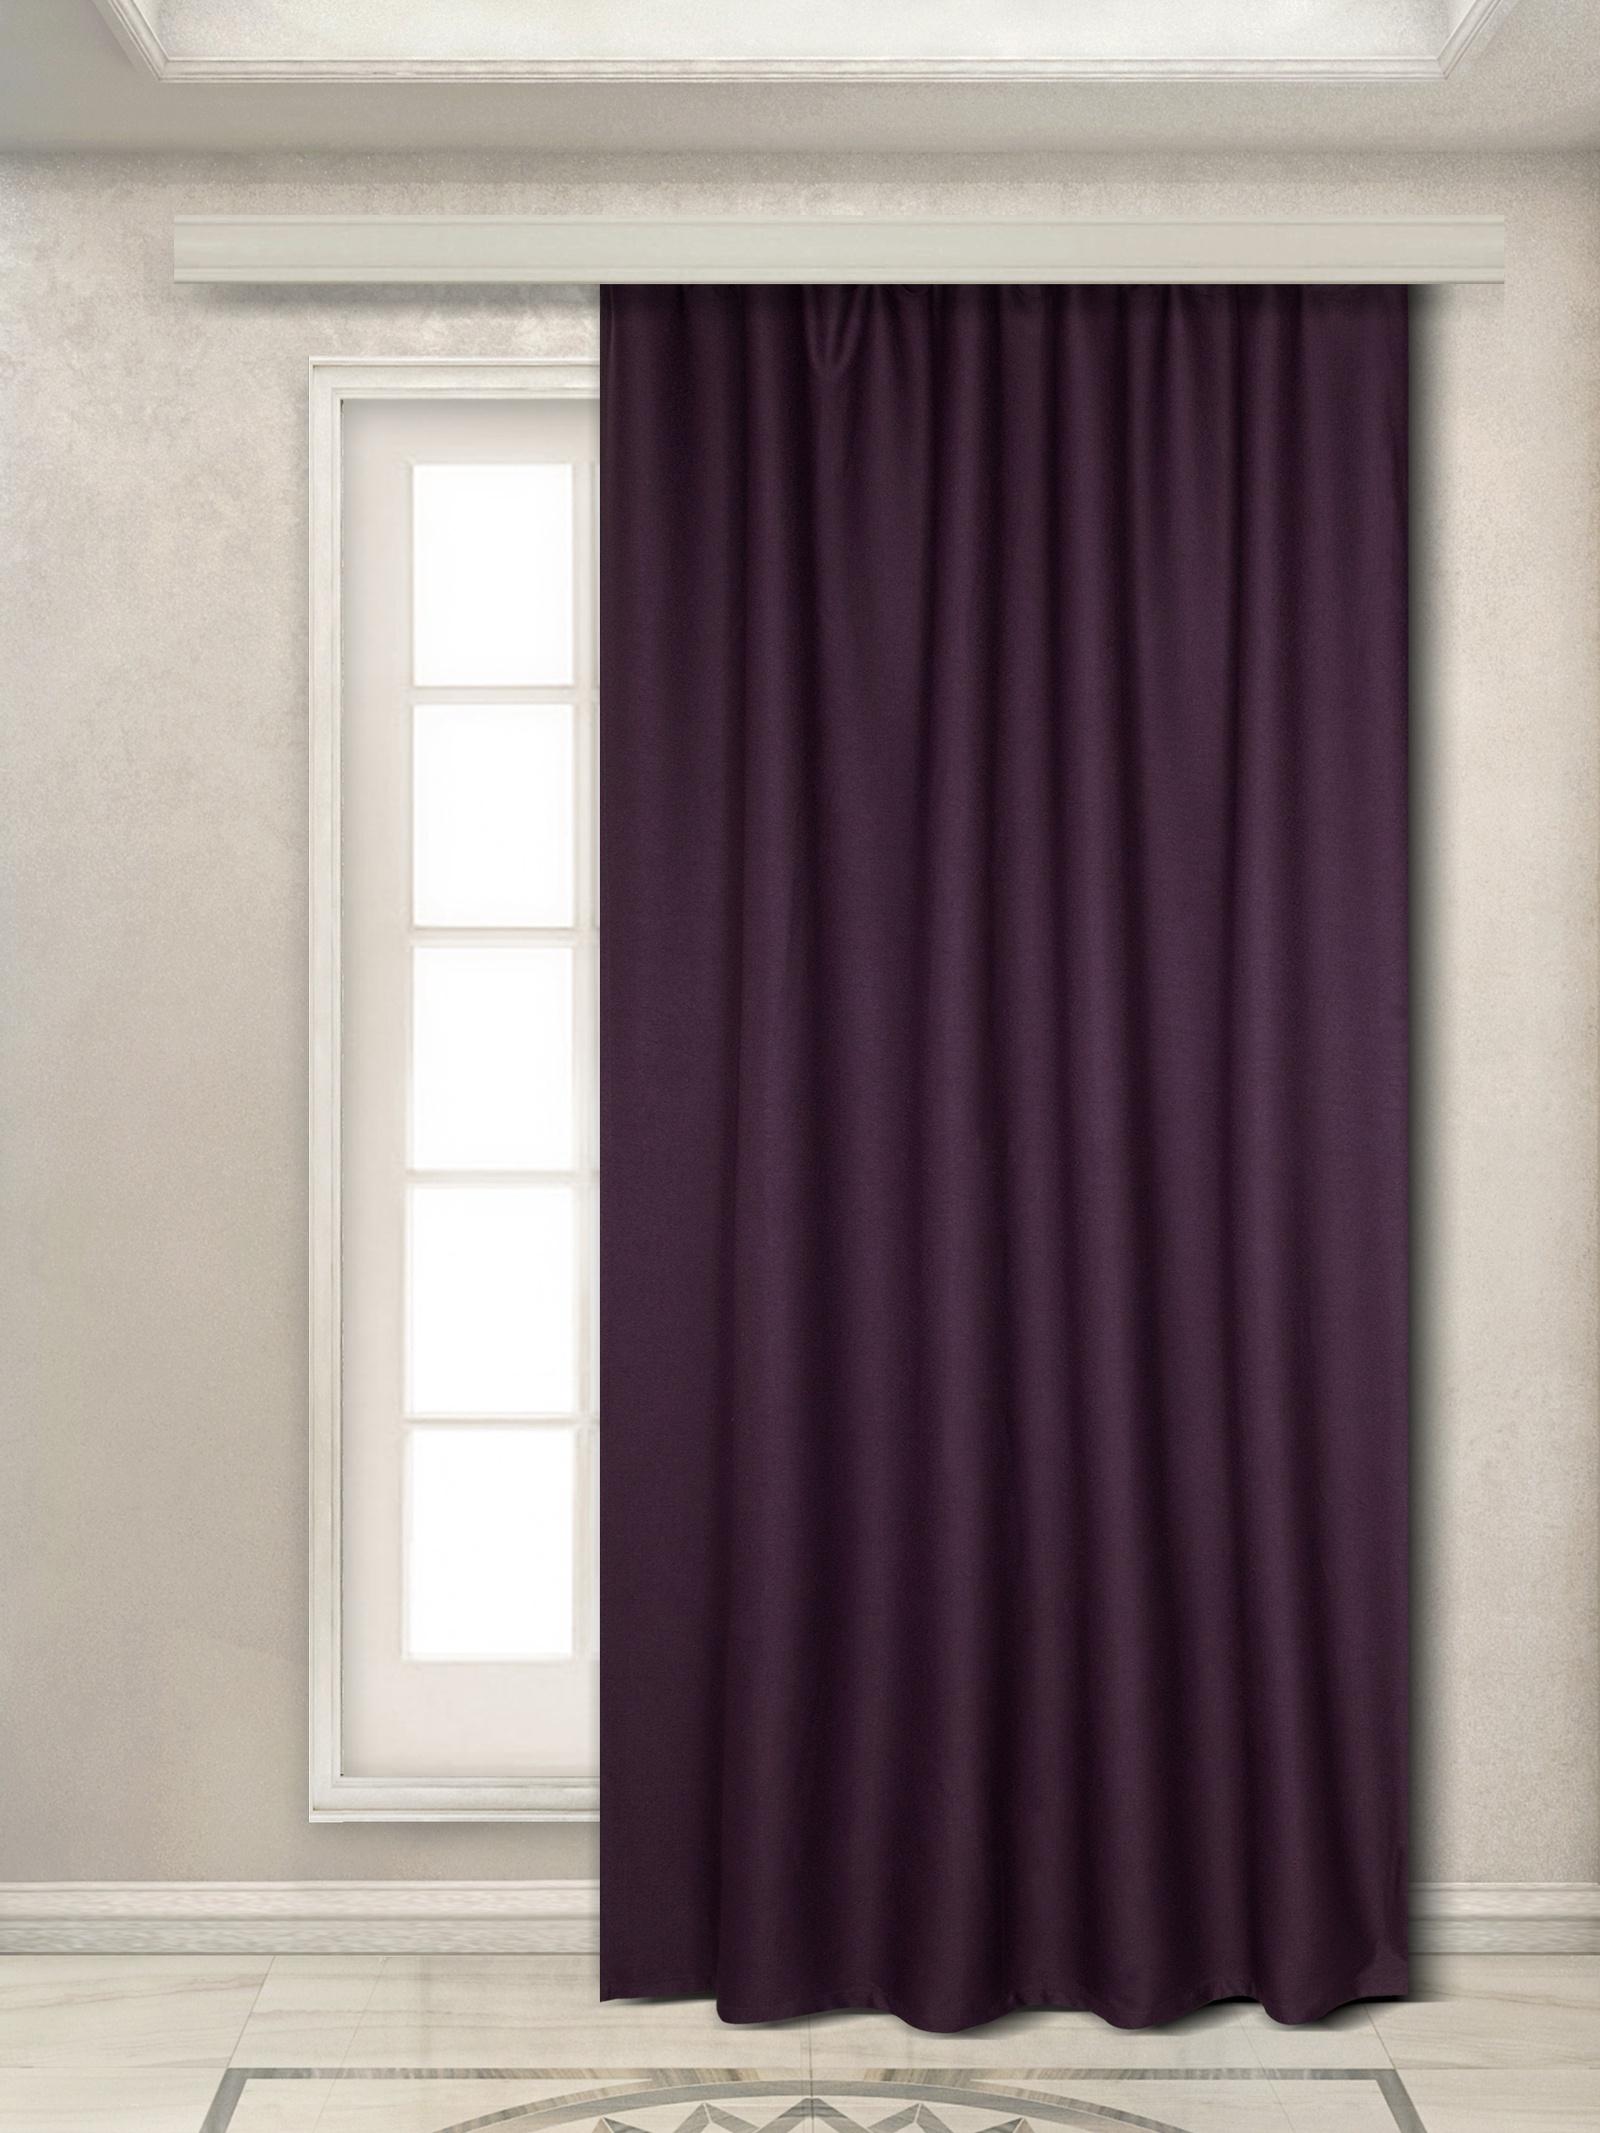 Портьера Zlata Korunka 777386, 777386, фиолетовый777386Портьера 1 шт, из плотной портьерной ткани под «Искусственный ЛЁН парусина», фиолетового цвета, шириной 180 см и высотой 270 см, крепление шторная лента 6 см х/б.